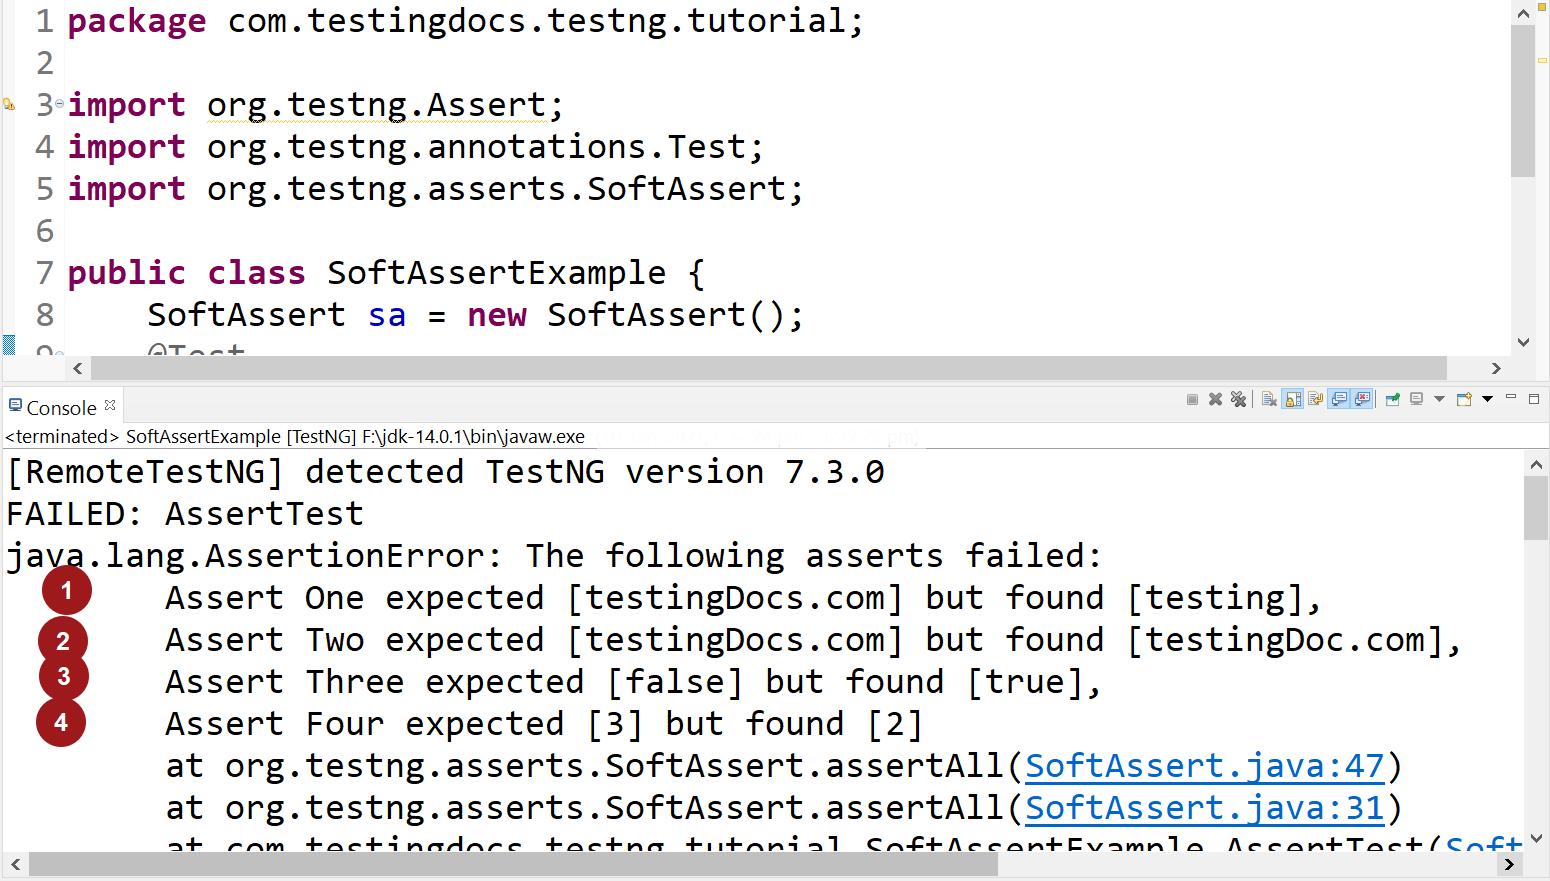 SoftAssert TestNG